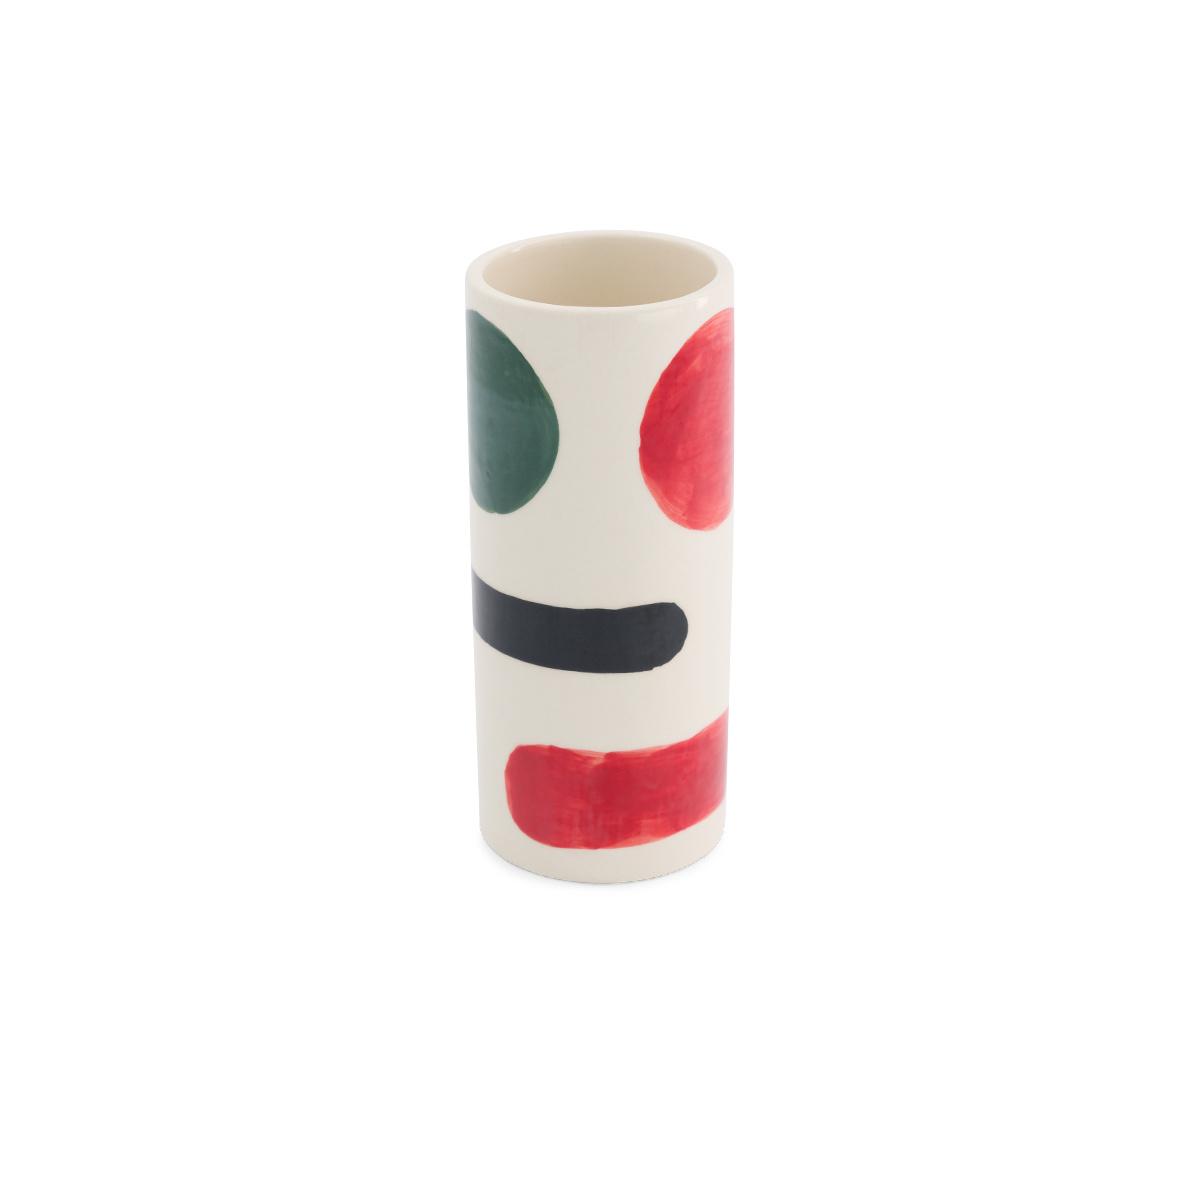 Pot Domino moyen modèle motif noir, rouge et vert